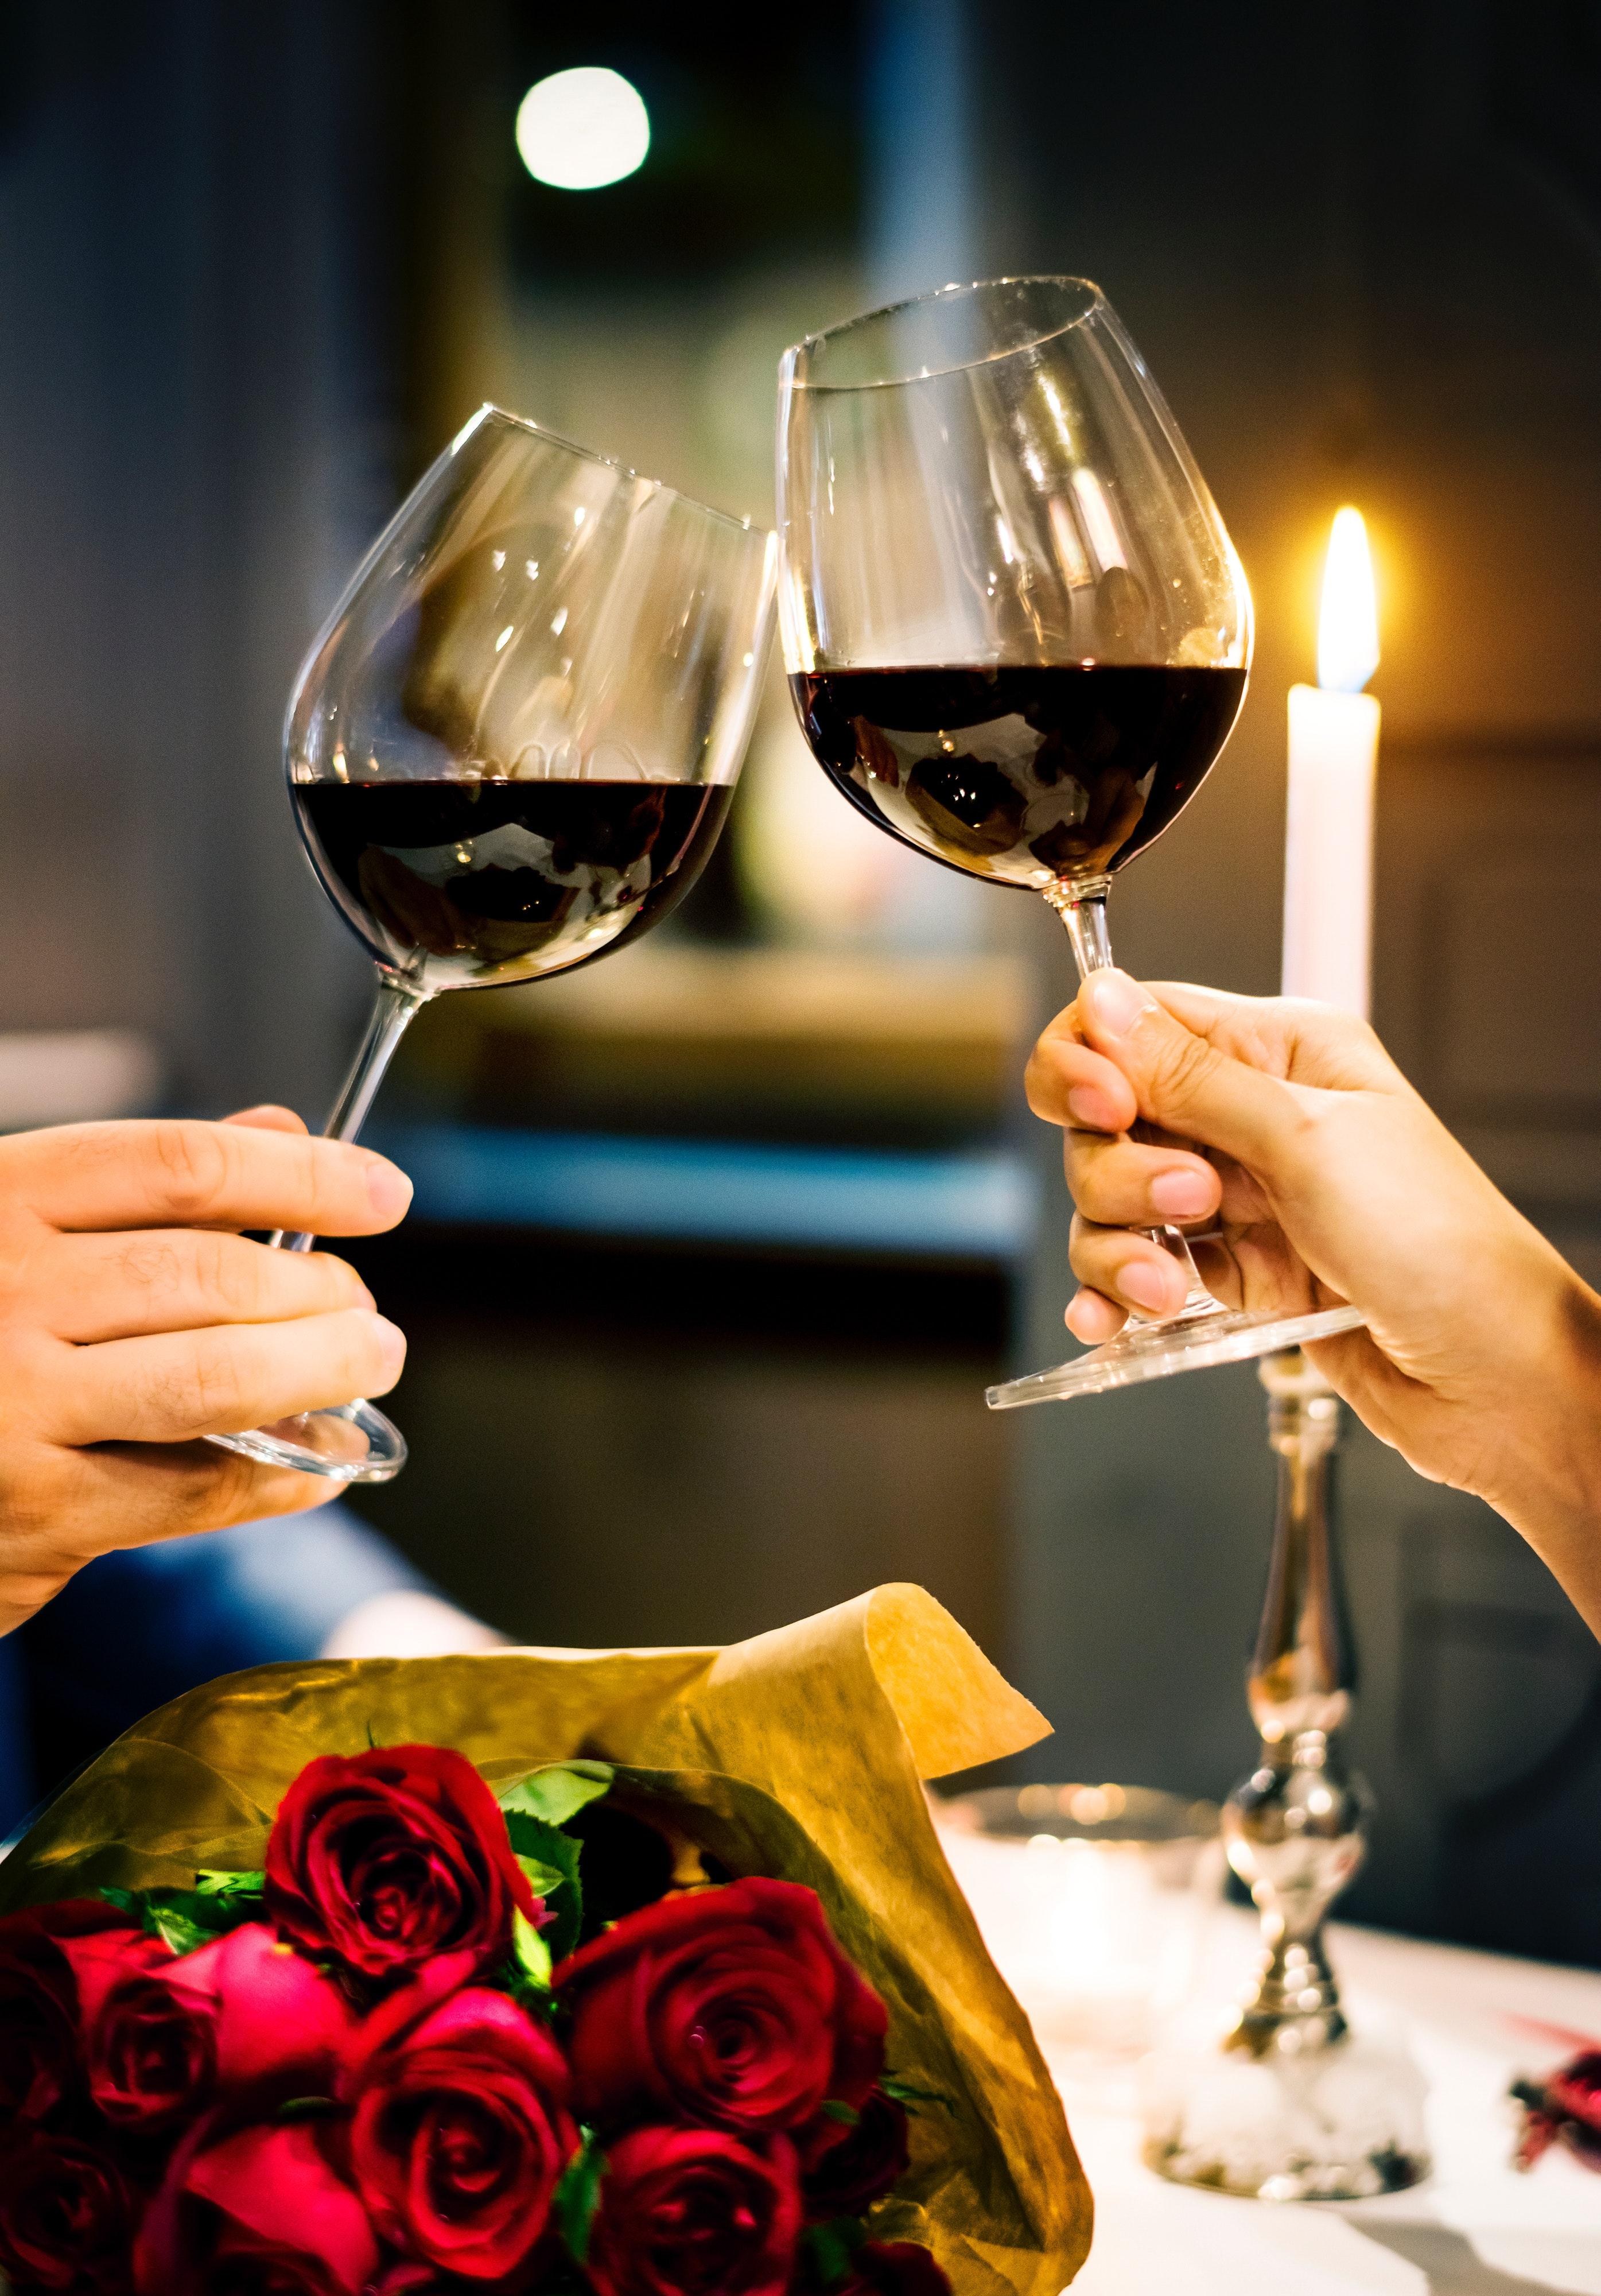 Geschenkidee: ein romantisches Essen zu zweit